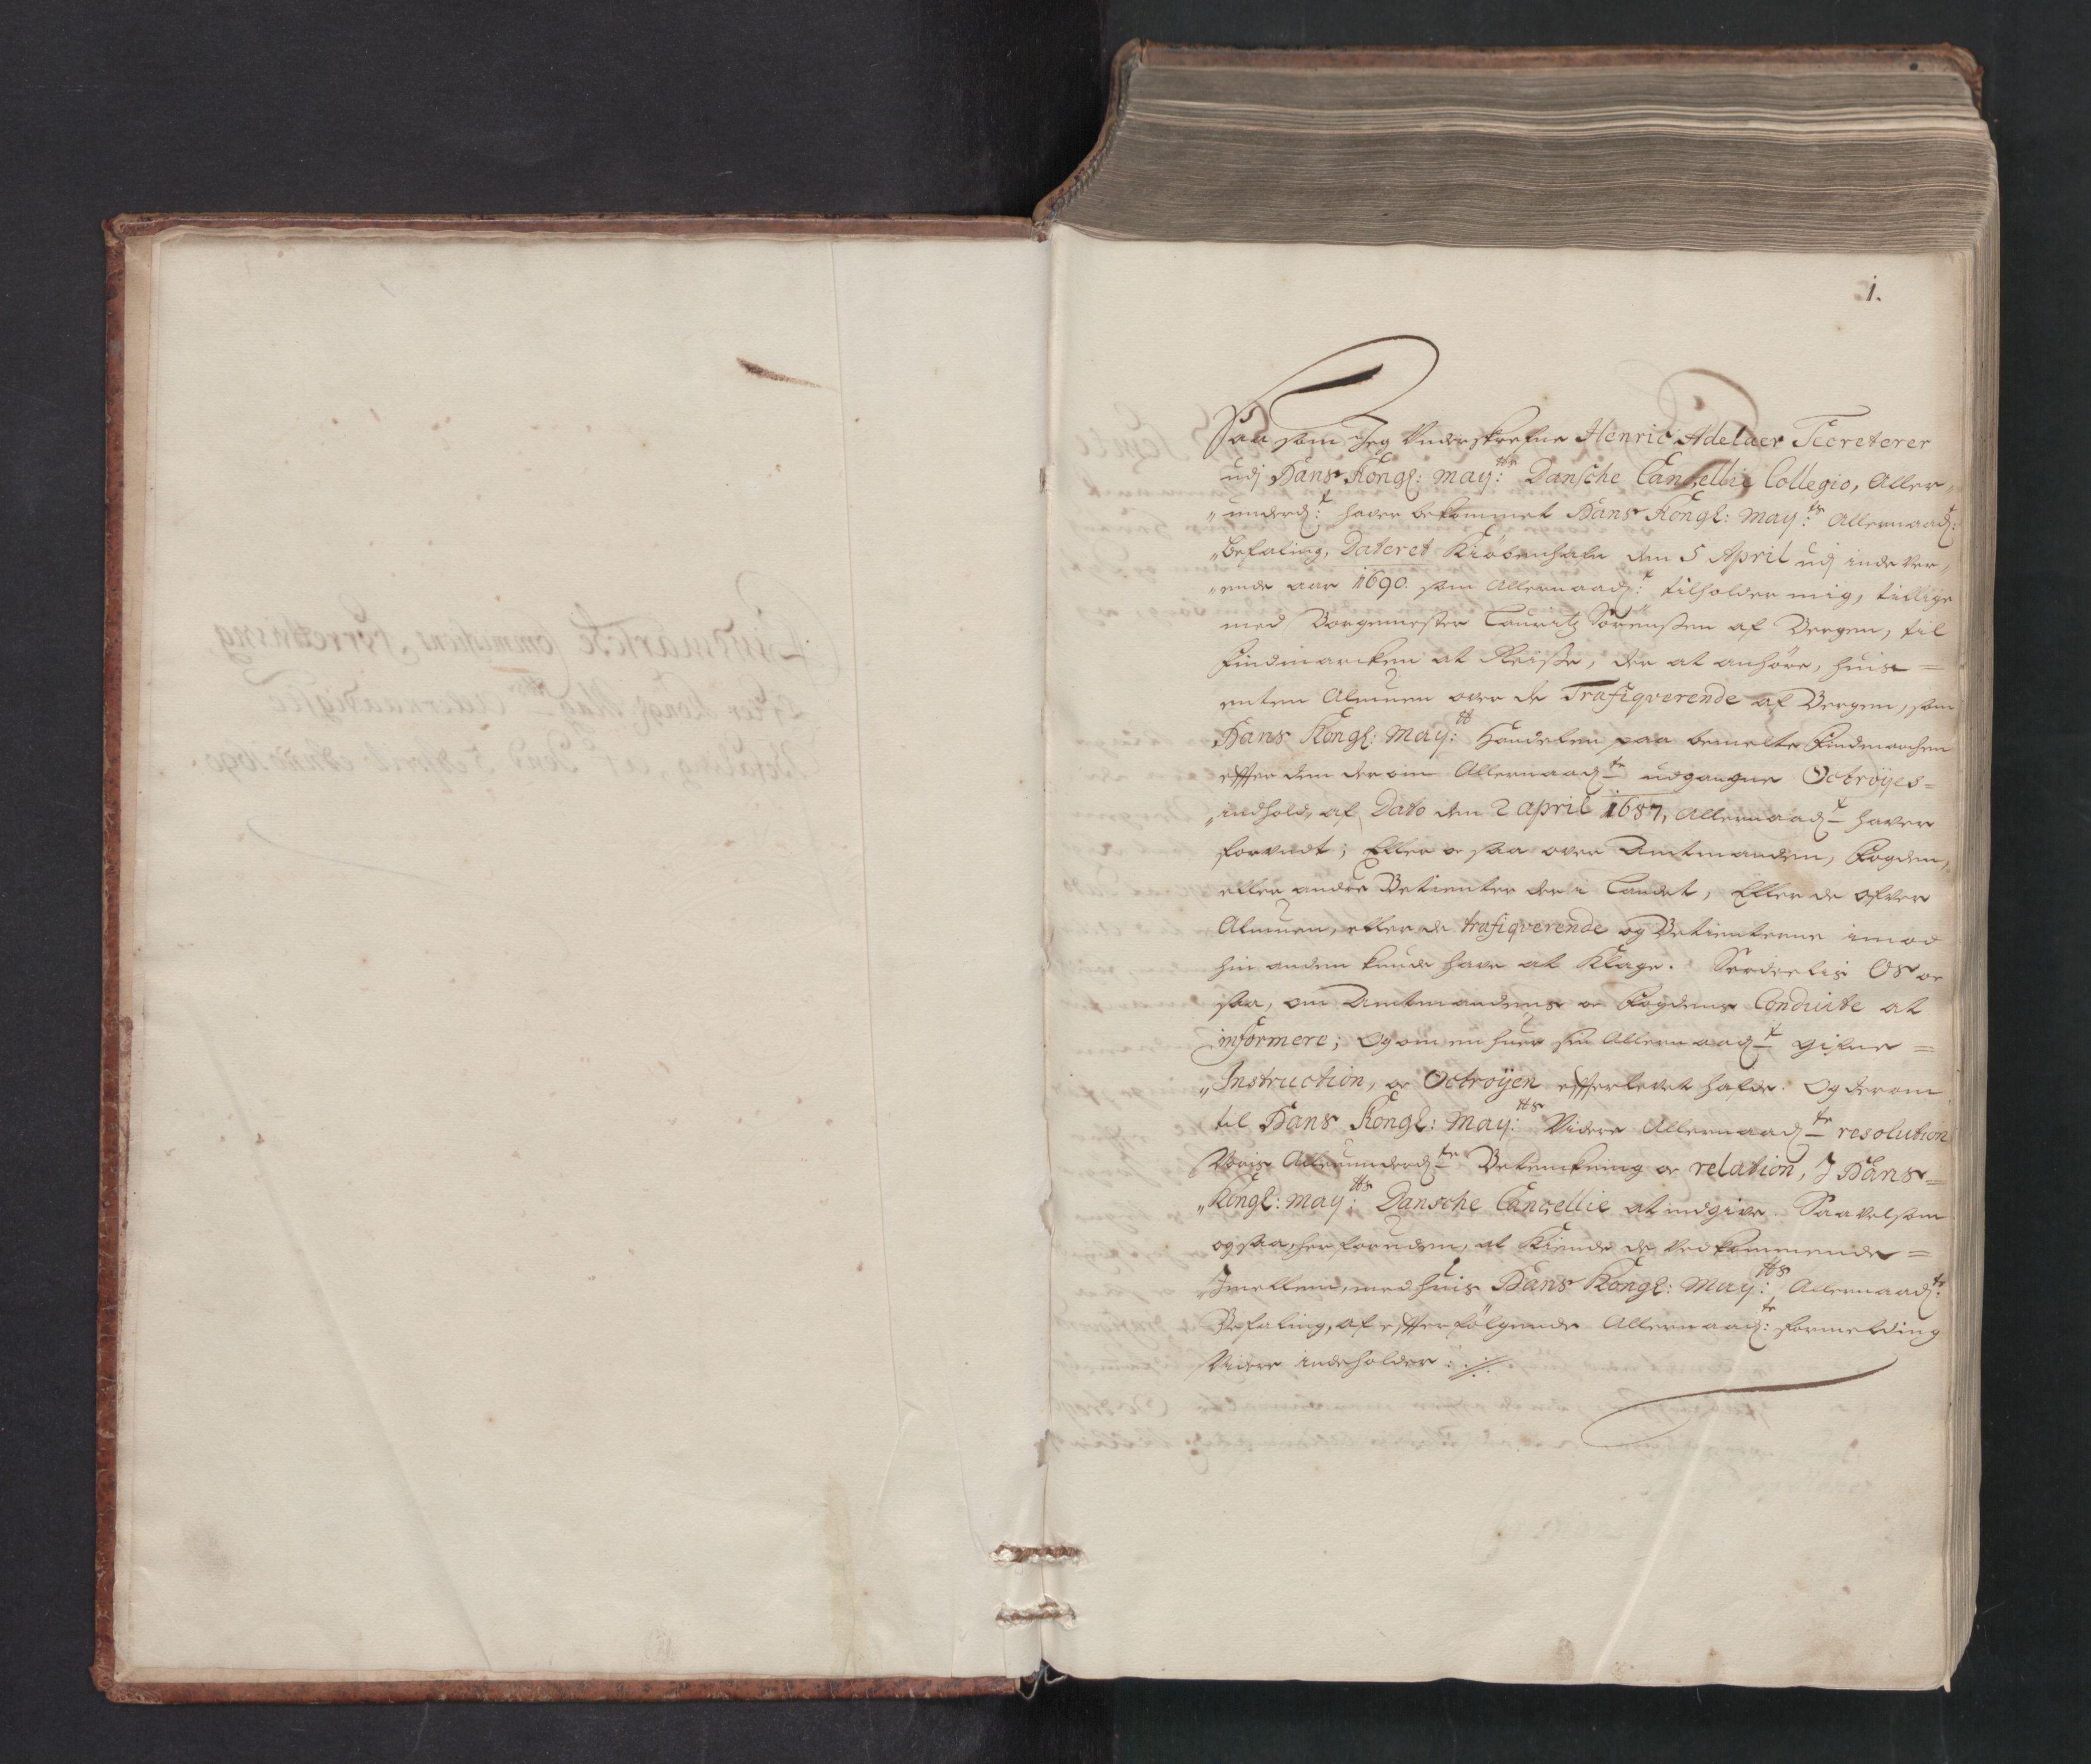 RA, Danske Kanselli, Skapsaker, F/L0081: Skap 15, pakke 125D, 1690-1691, p. 1